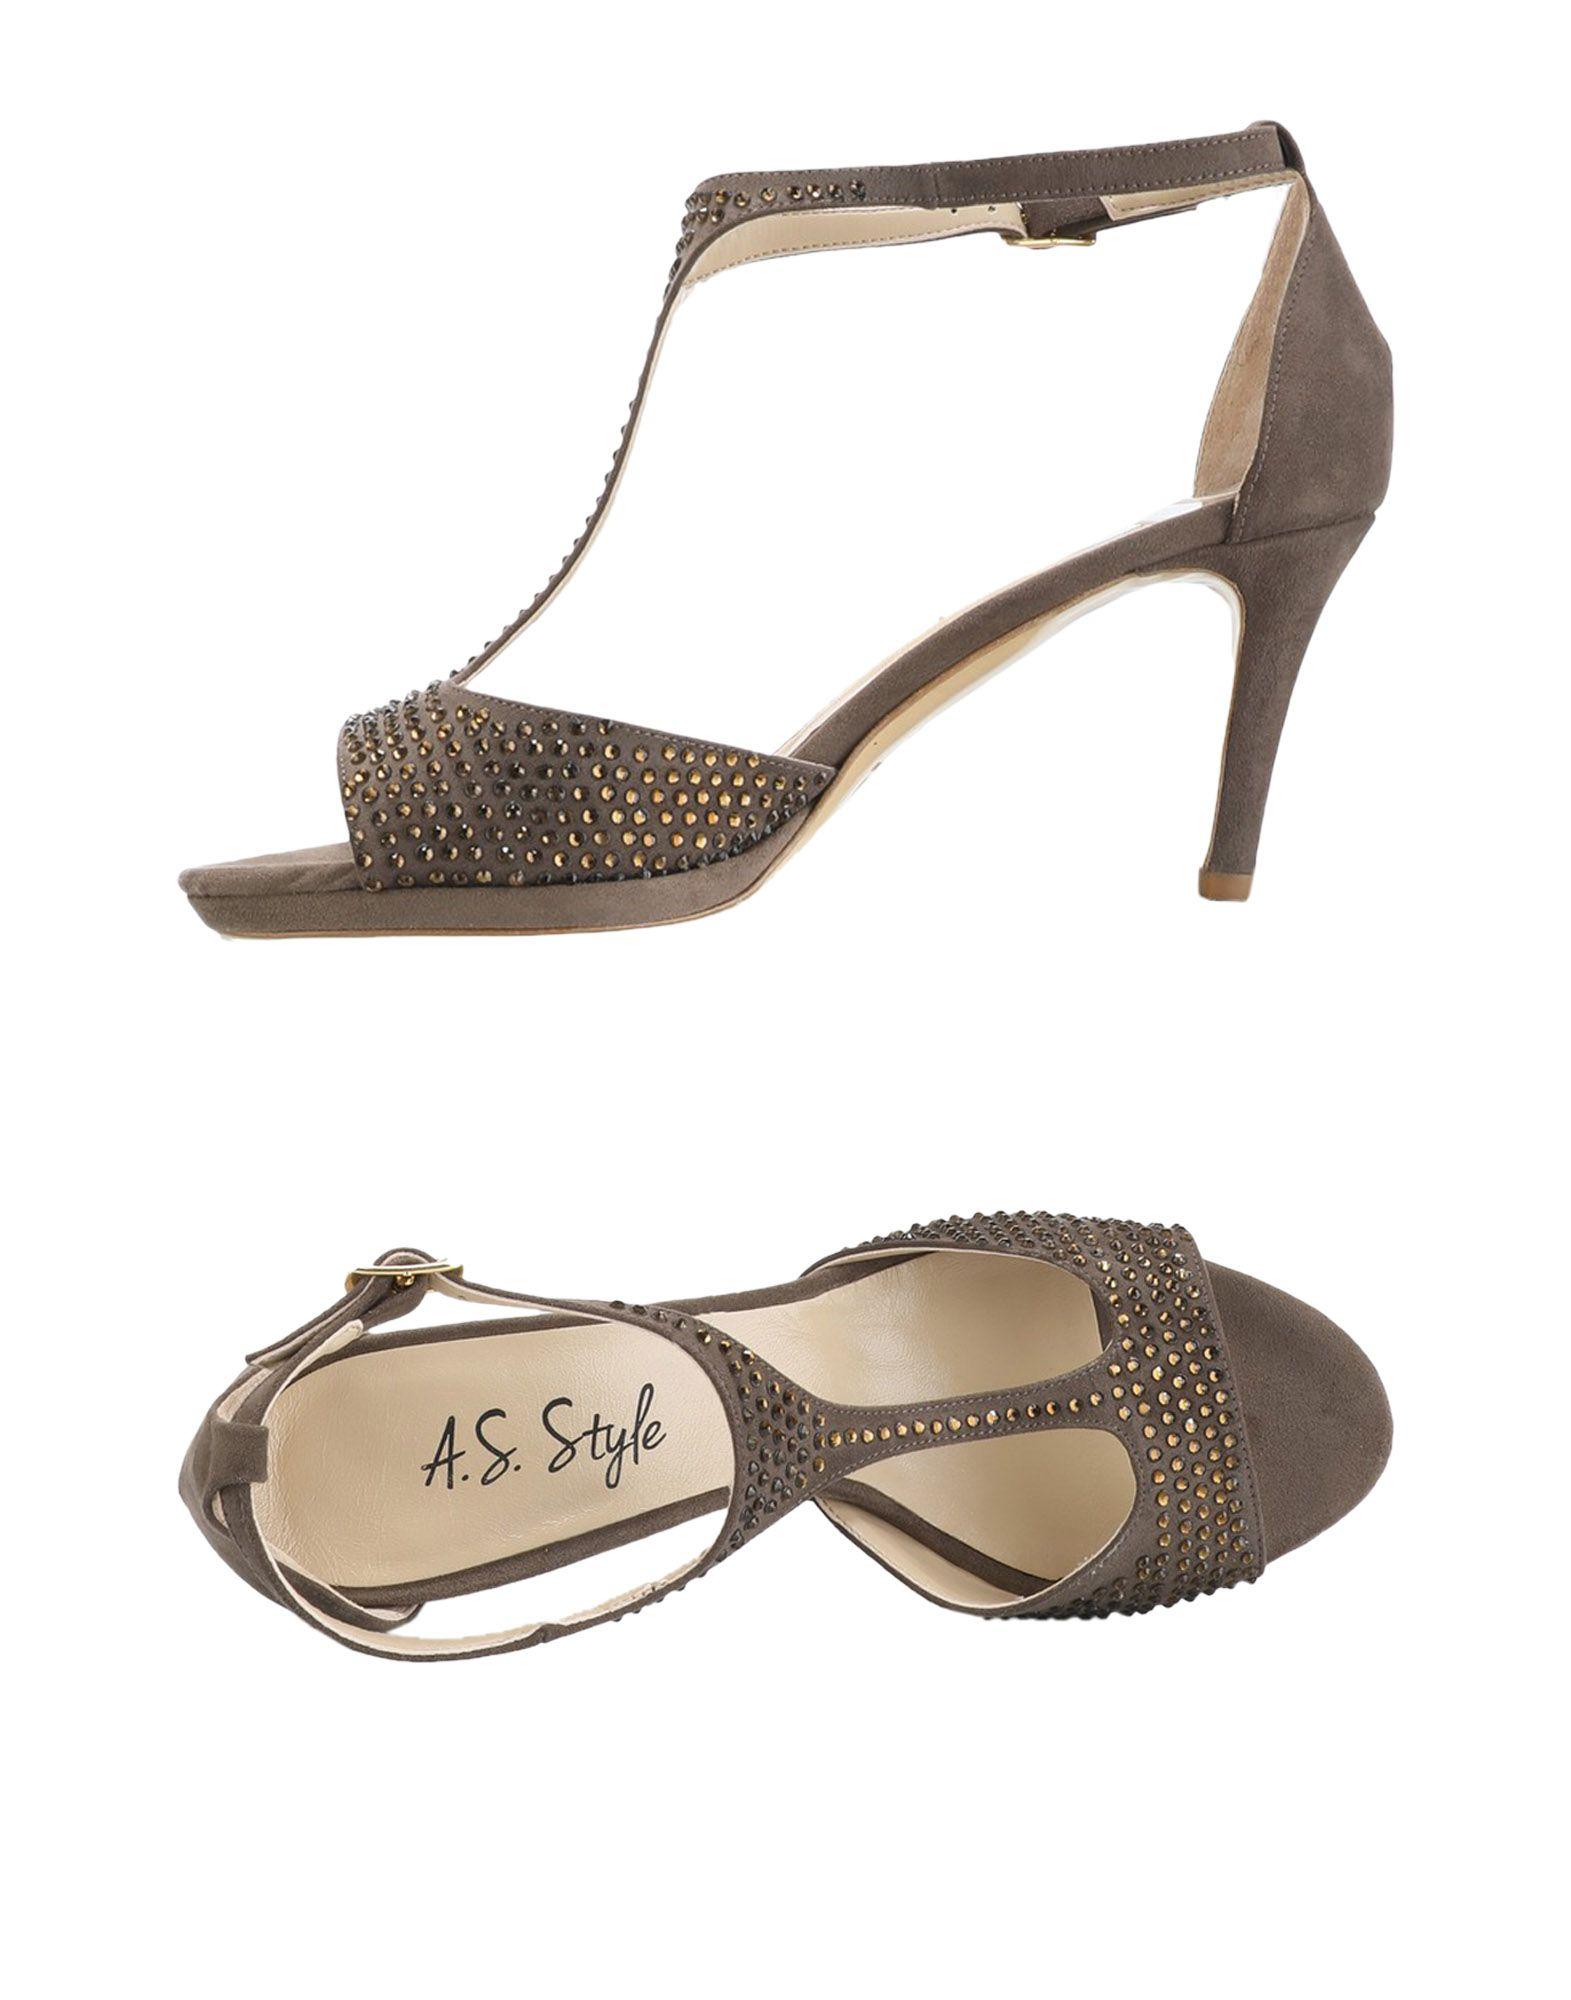 Sandales A.S. Style Femme - Sandales A.S. Style sur